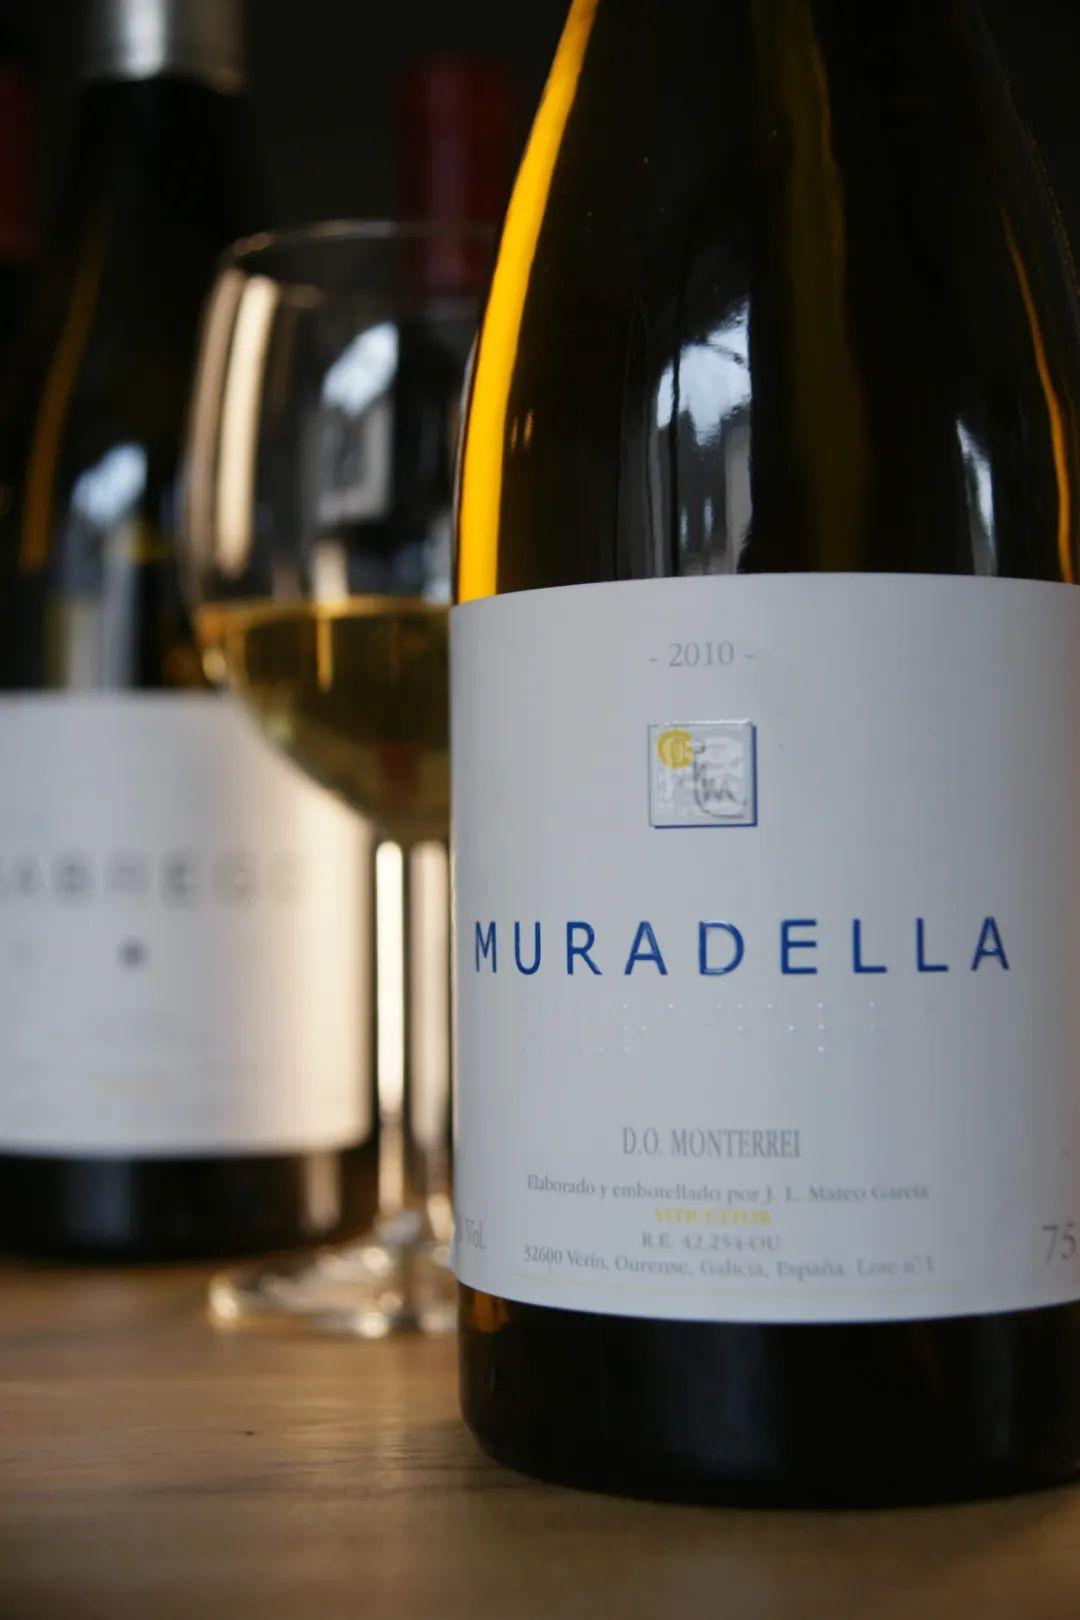 林裕森专栏 | 来自这个产区的葡萄酒竟然如此清凉?